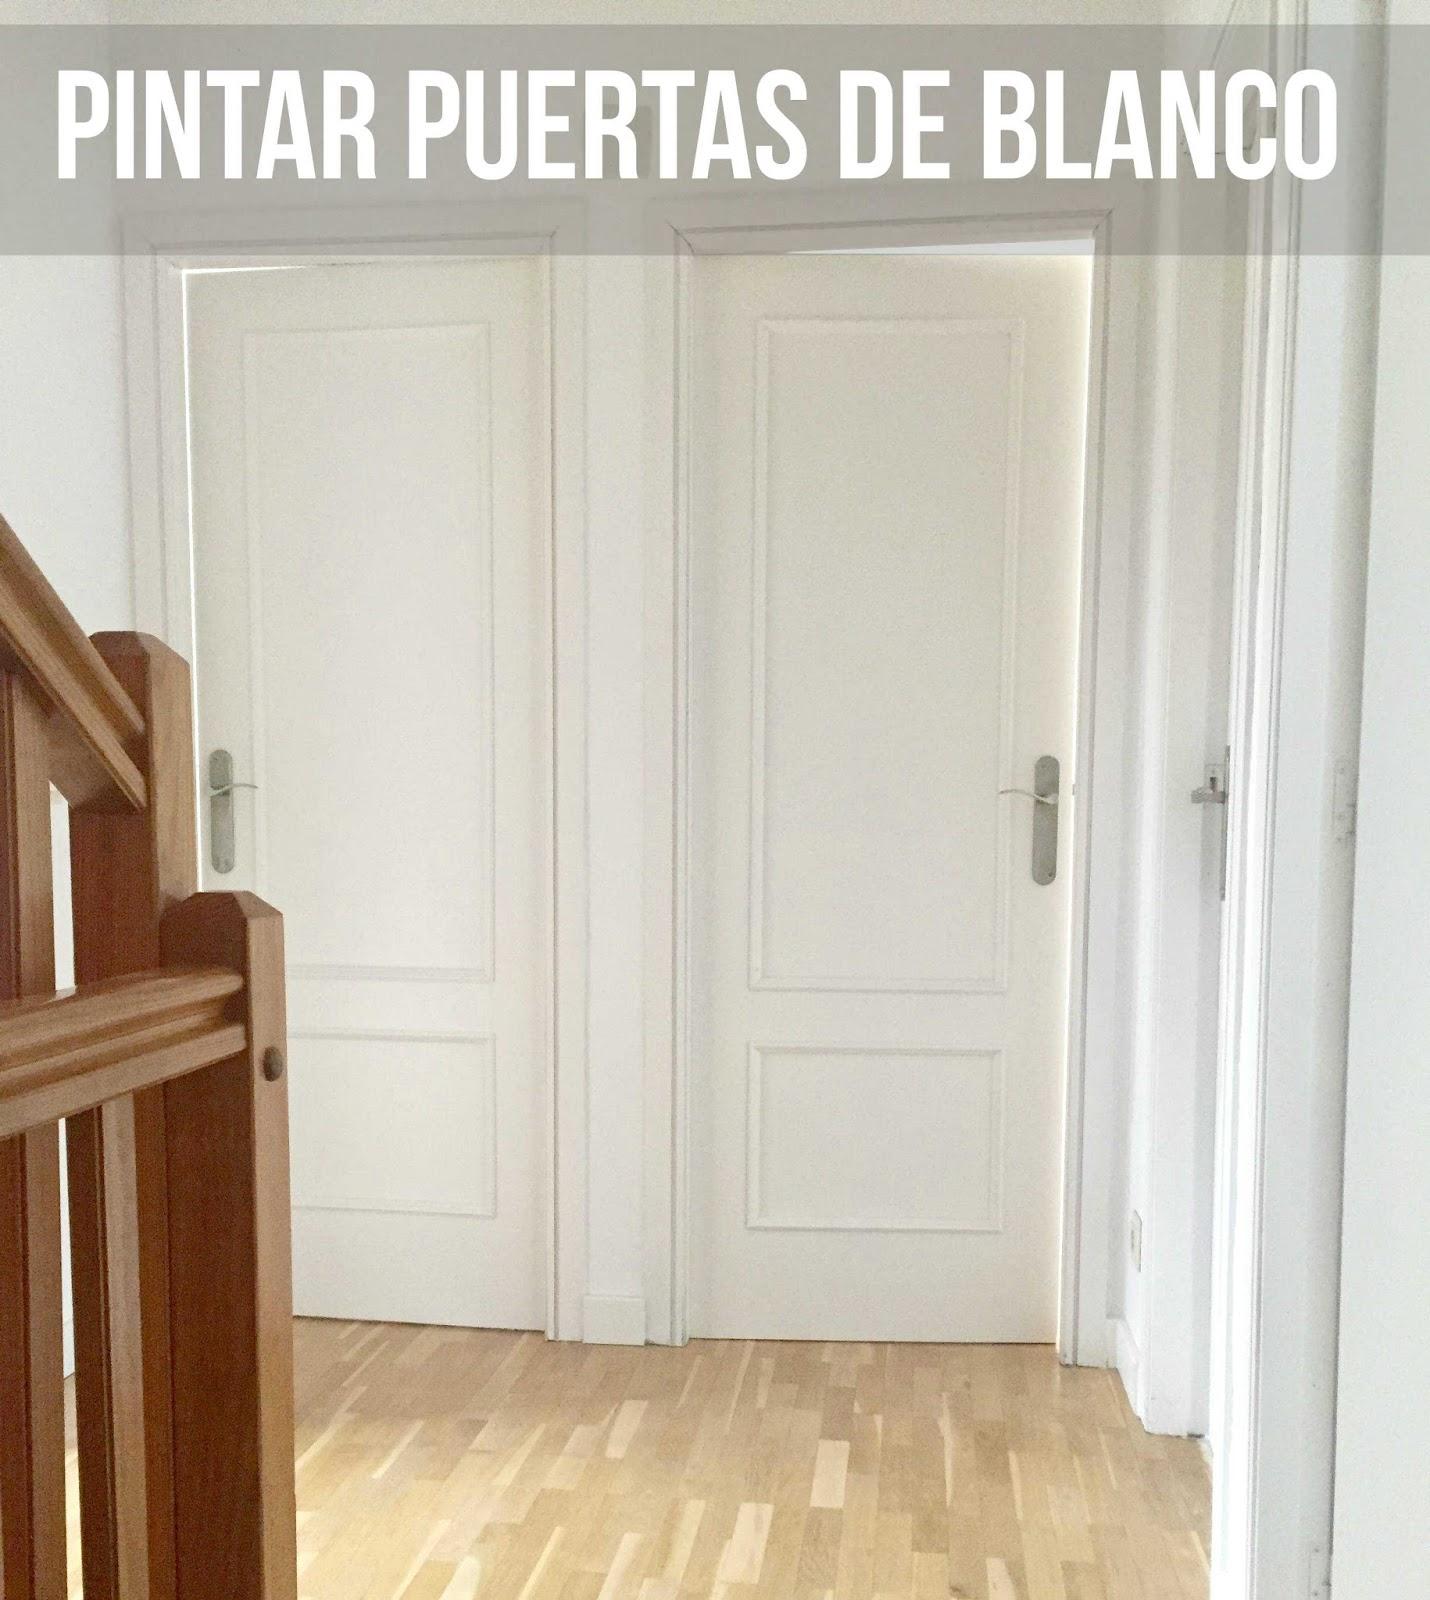 Pintar puertas antiguas de blanco taller nicoleta - Pintar puertas de blanco en casa ...